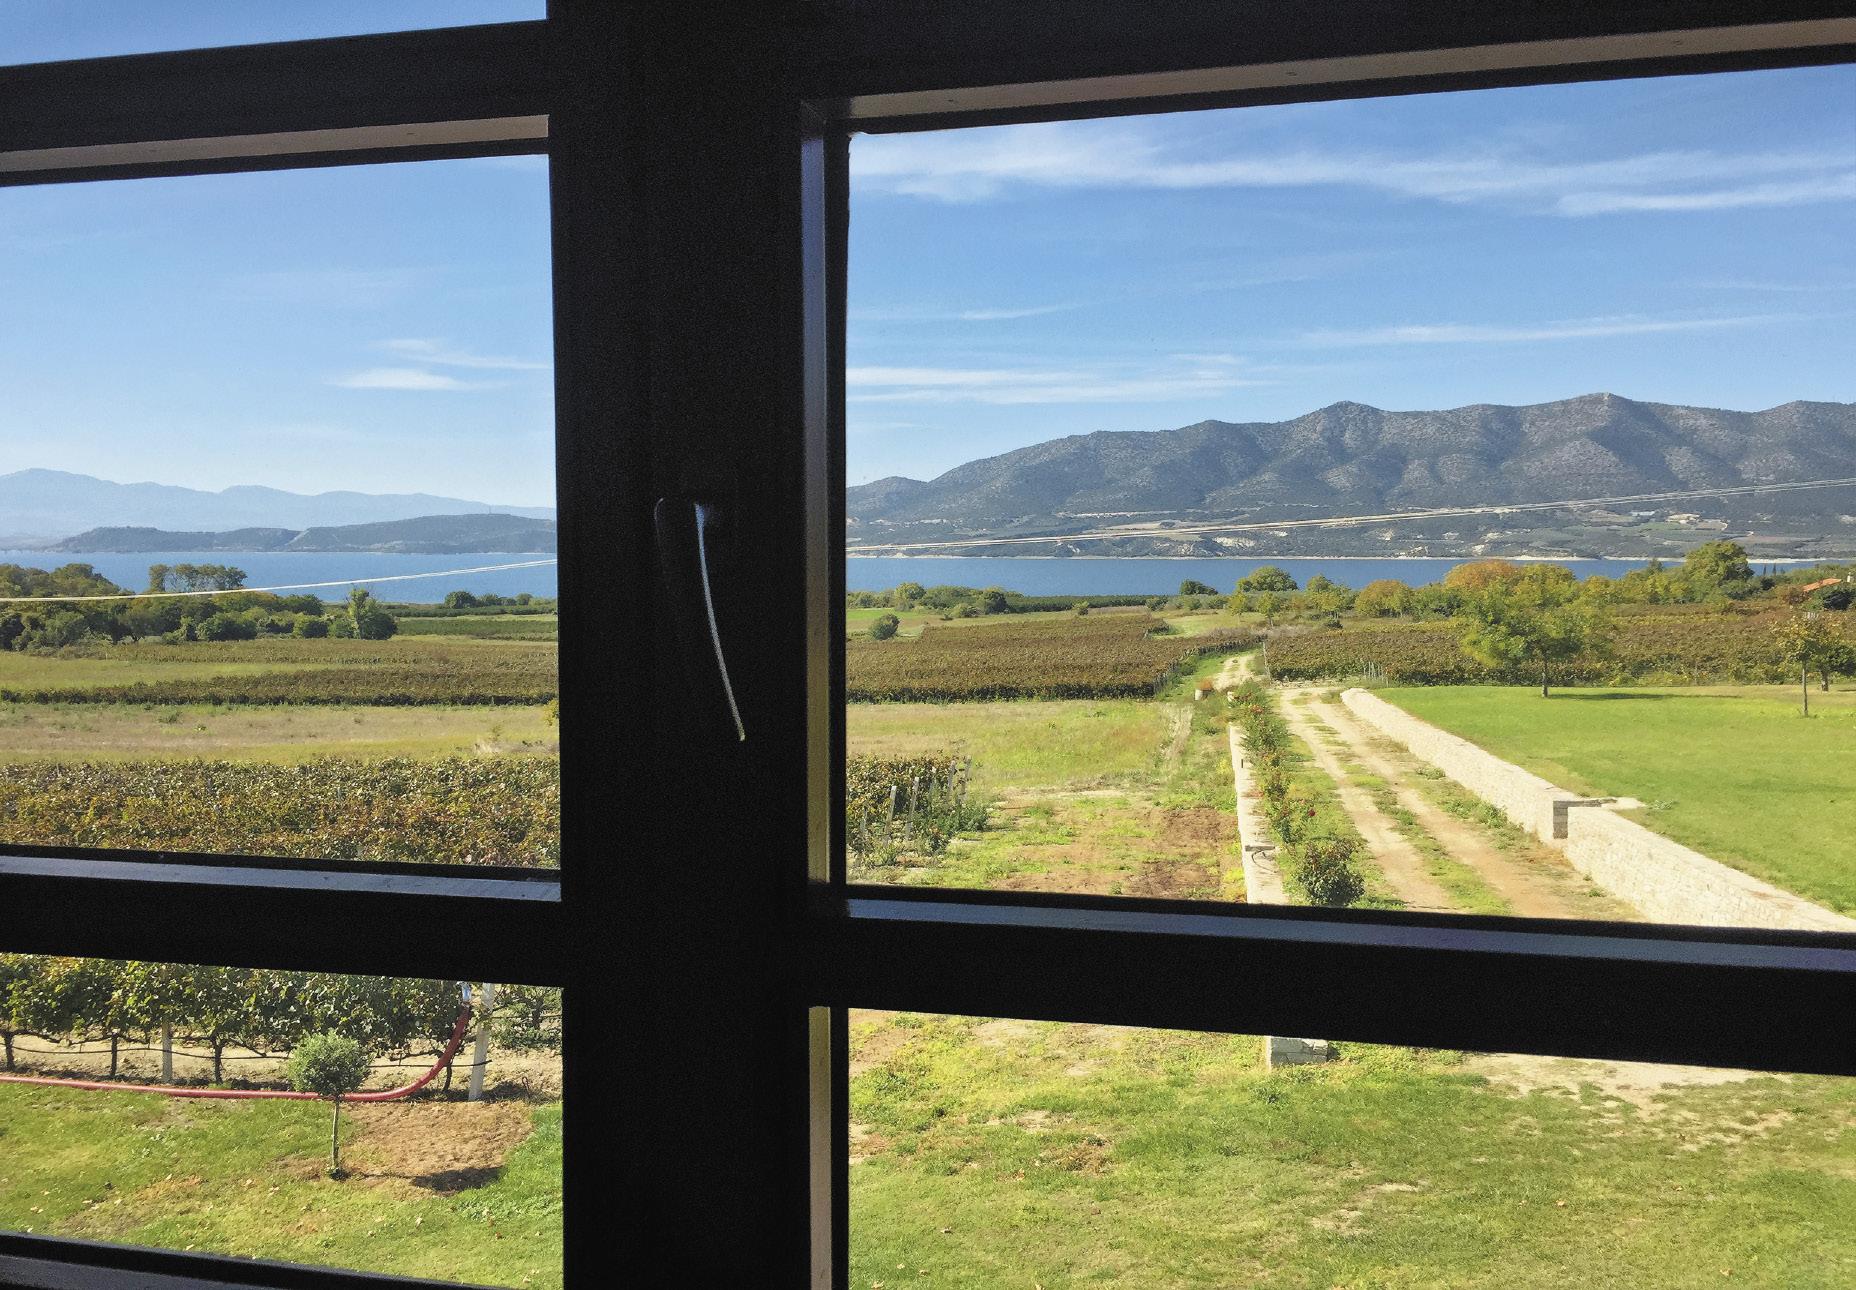 Из окон винных заводов Западной Македонии открываются пейзажи, чем-то напоминающие крымские.